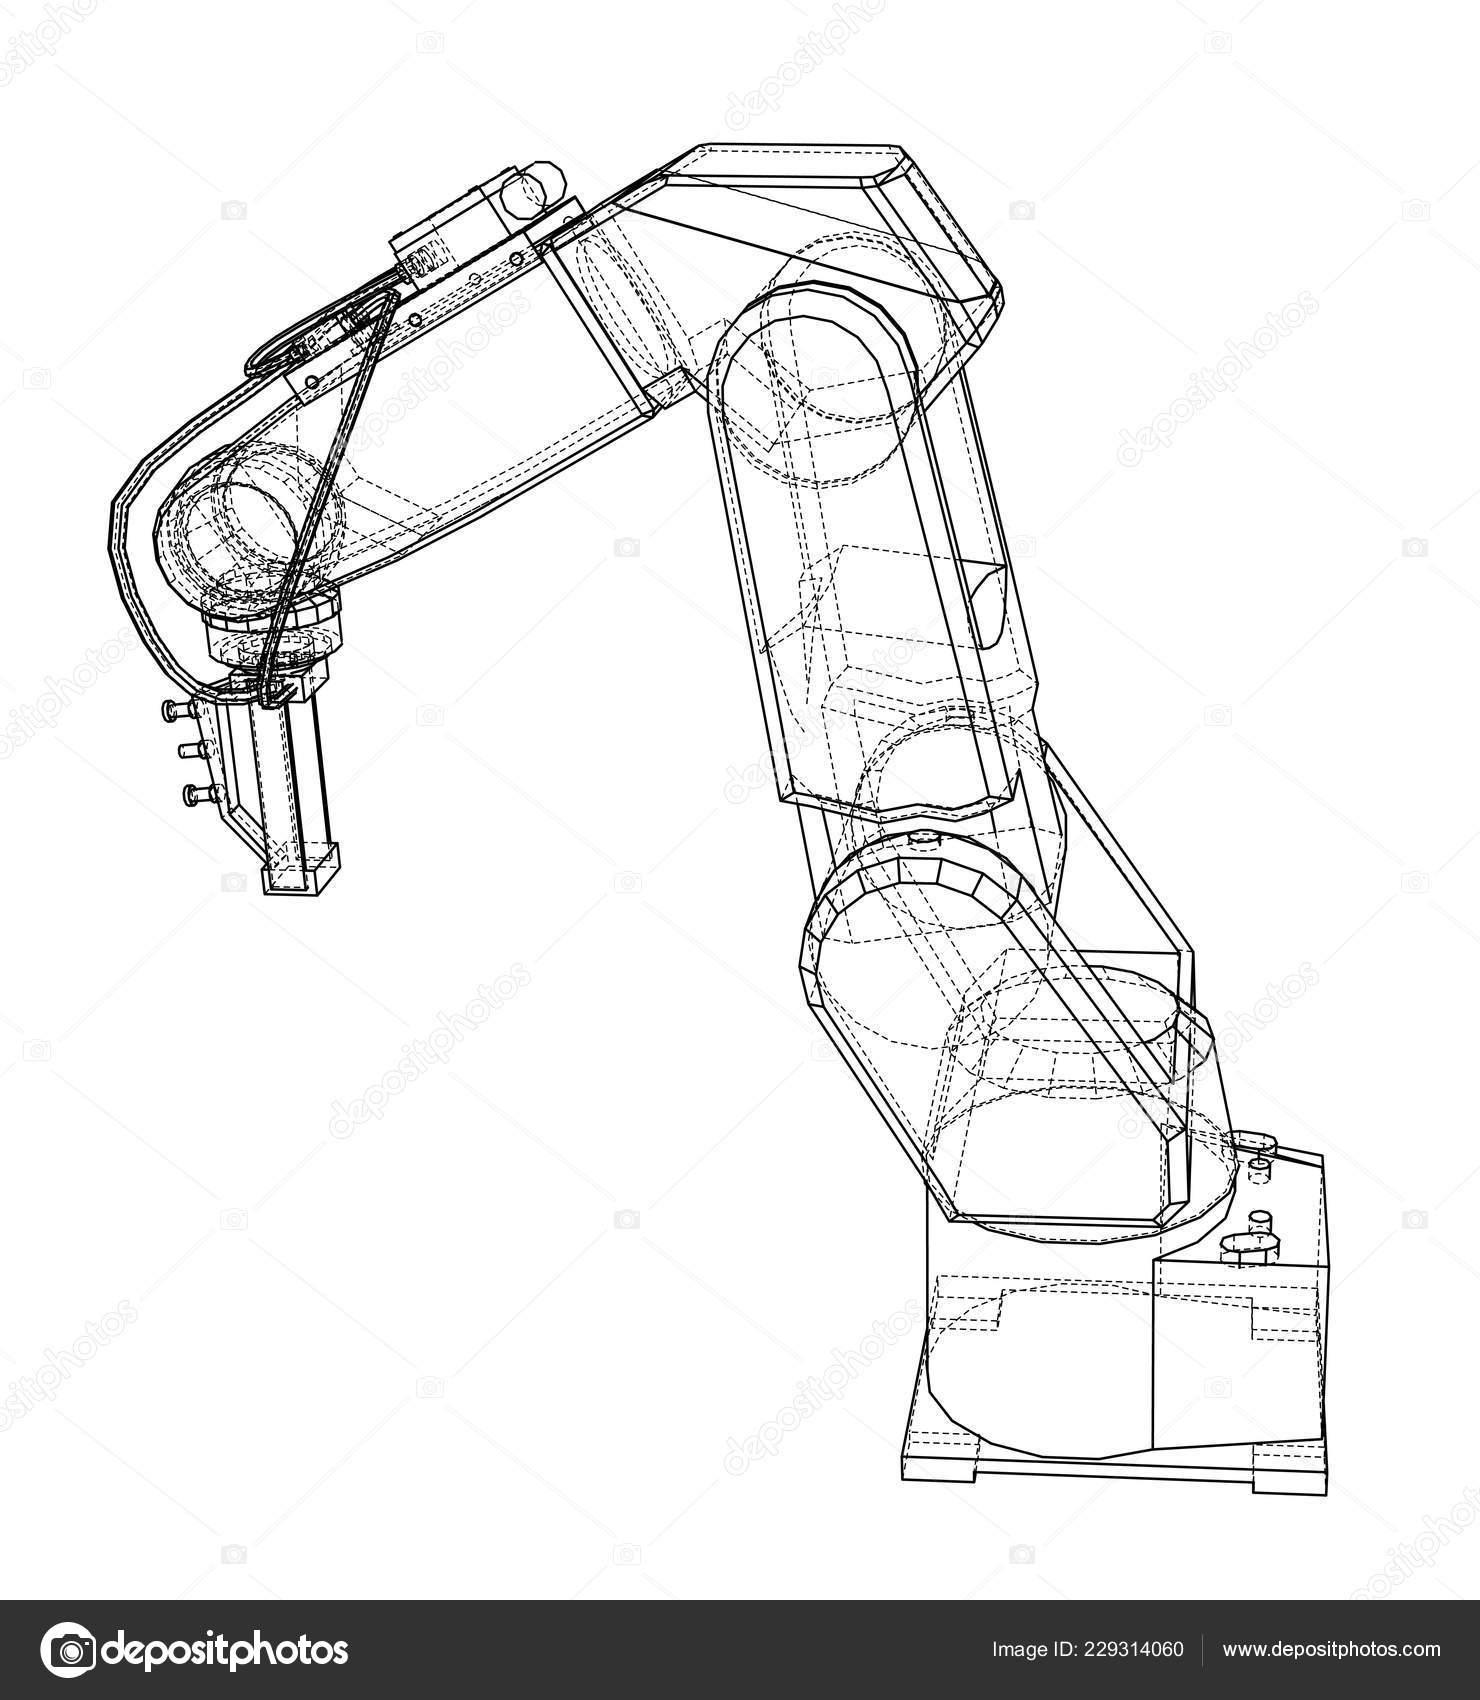 3d Outline Robotic Arm 3d Illustration